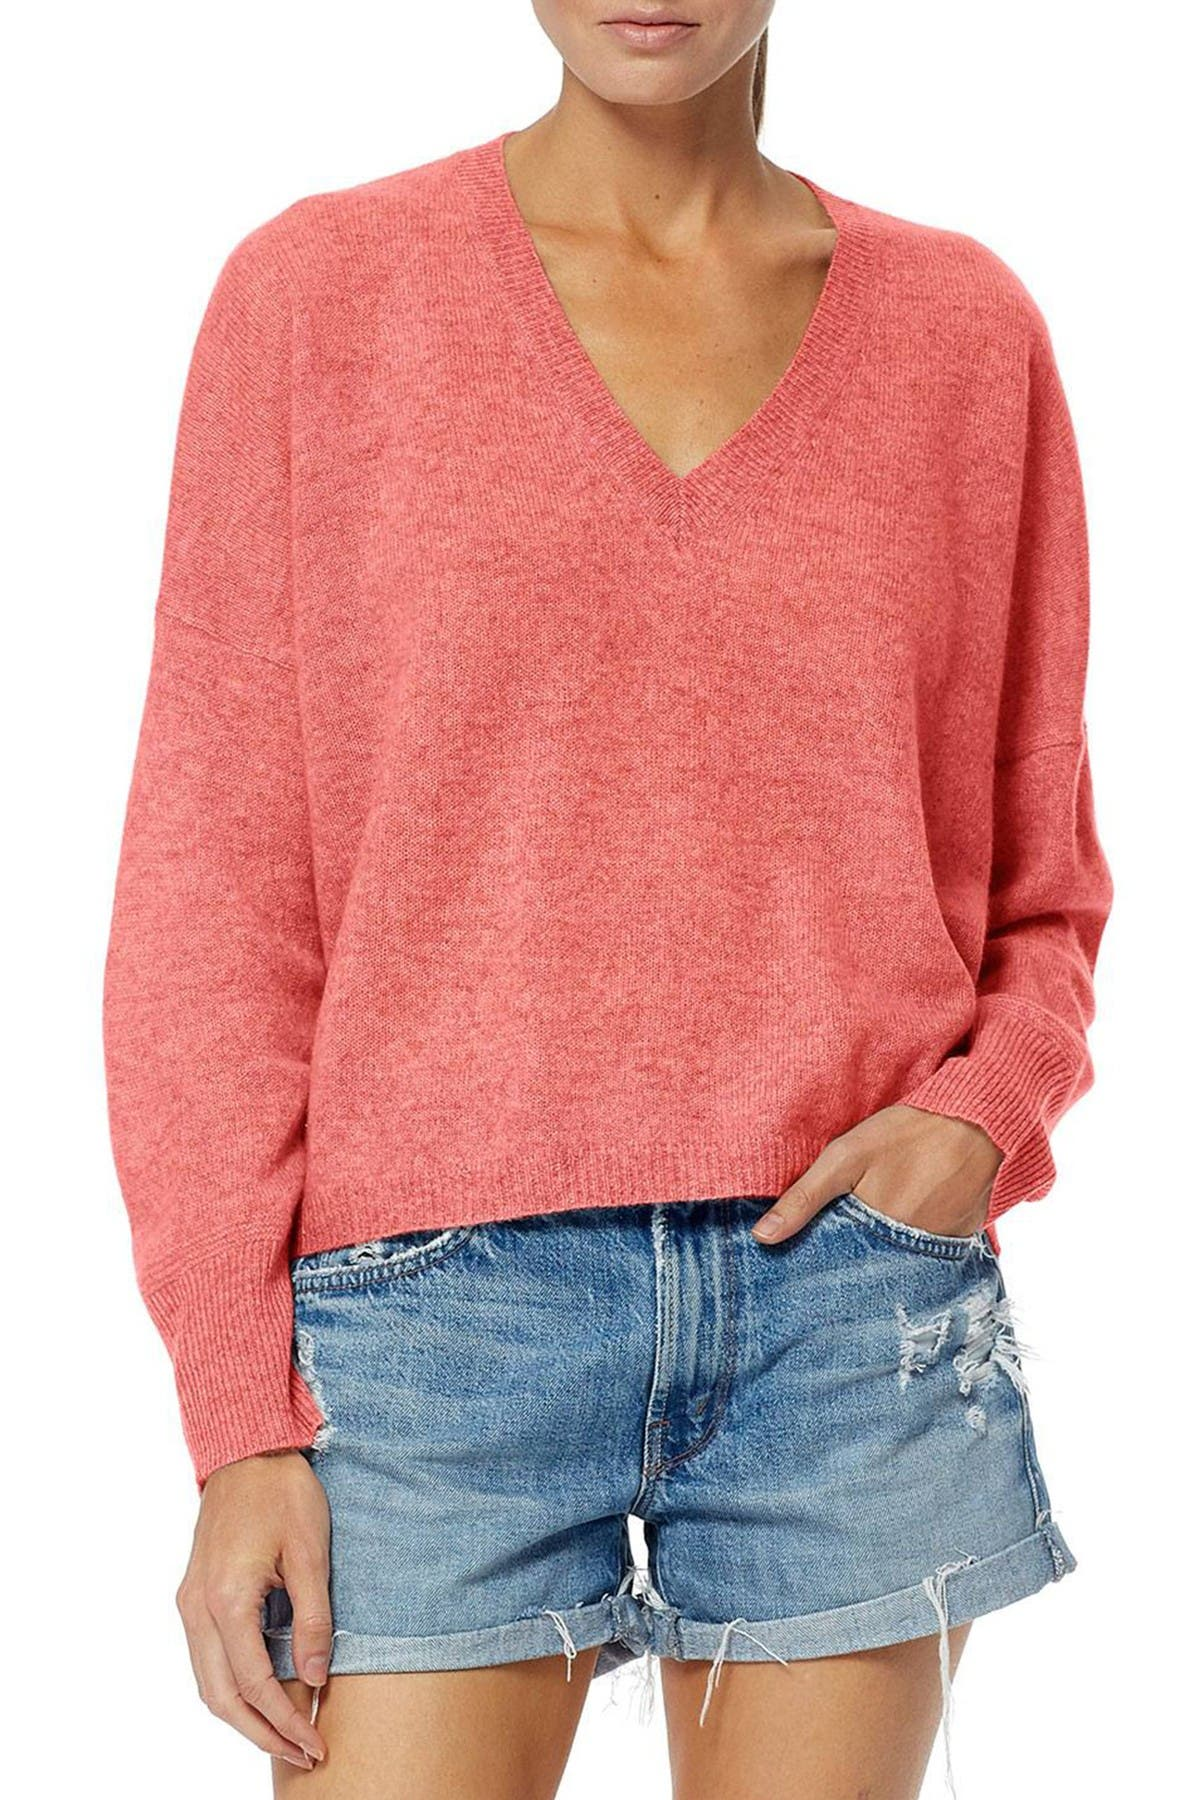 Image of 360 Cashmere Marina Boxy V-Neck Cashmere Sweater